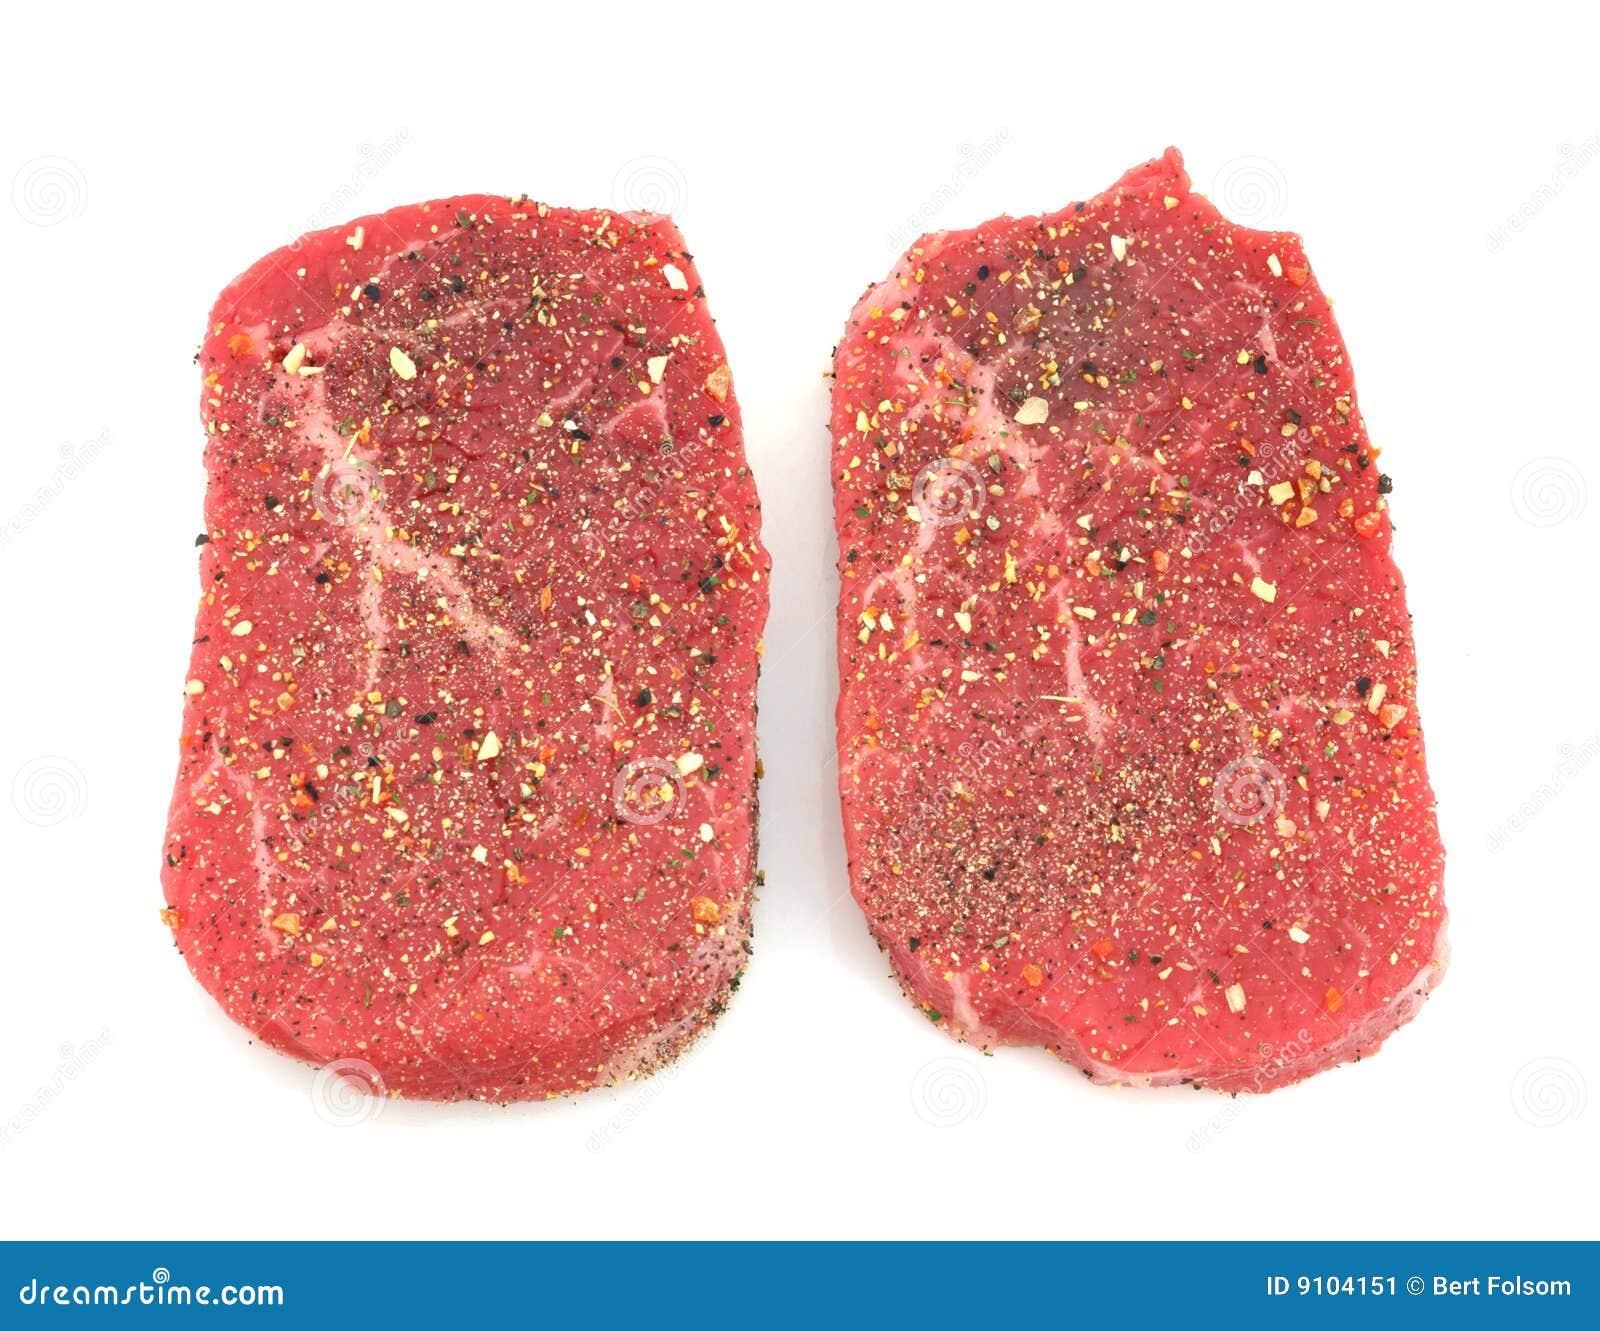 how to cook beef round eye round steak